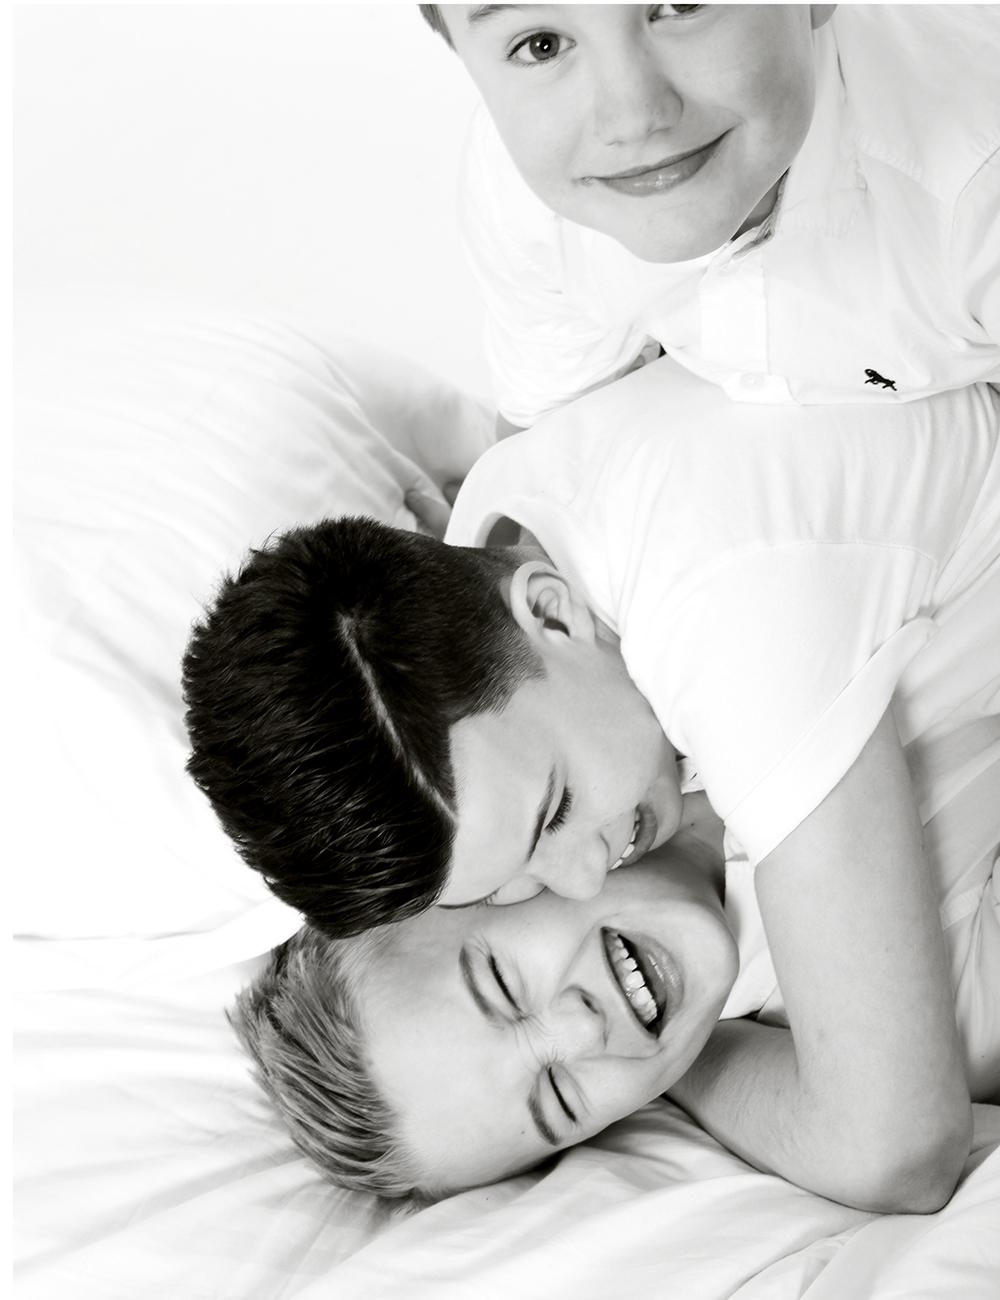 """ARVIDS VINGAR  Min barndomsvän Terese förlorade sin son. En vacker liten pojke dog. Jag tänker ofta på hennes familj och andra som drabbas av obotliga sjukdomar. Nu hjälper vi familjer så mycket vi bara kan ❤️ ❤️ Projektet heter """"Arvids vingar"""" ❤️ Man lämnar en ansökan för att inte betala för fotograferingen. Bilder och fotografering är gratis. ❤️Alla familjer med barn under 15 år där någon i familjen har en obotlig sjukdom är välkomna med ansökan. Tipsa en vän, släkting- sprid vidare så fler får chansen. Välkommen med er ansökan till info@studiothoren.se skriv """"Arvids Vingar"""" i ämnesraden"""" I en familj där mamma, pappa eller barn är sjuka med en dödlig sjukdom är det ovärderligt med familjebilder att hitta styrka i och minnas underbara stunder."""